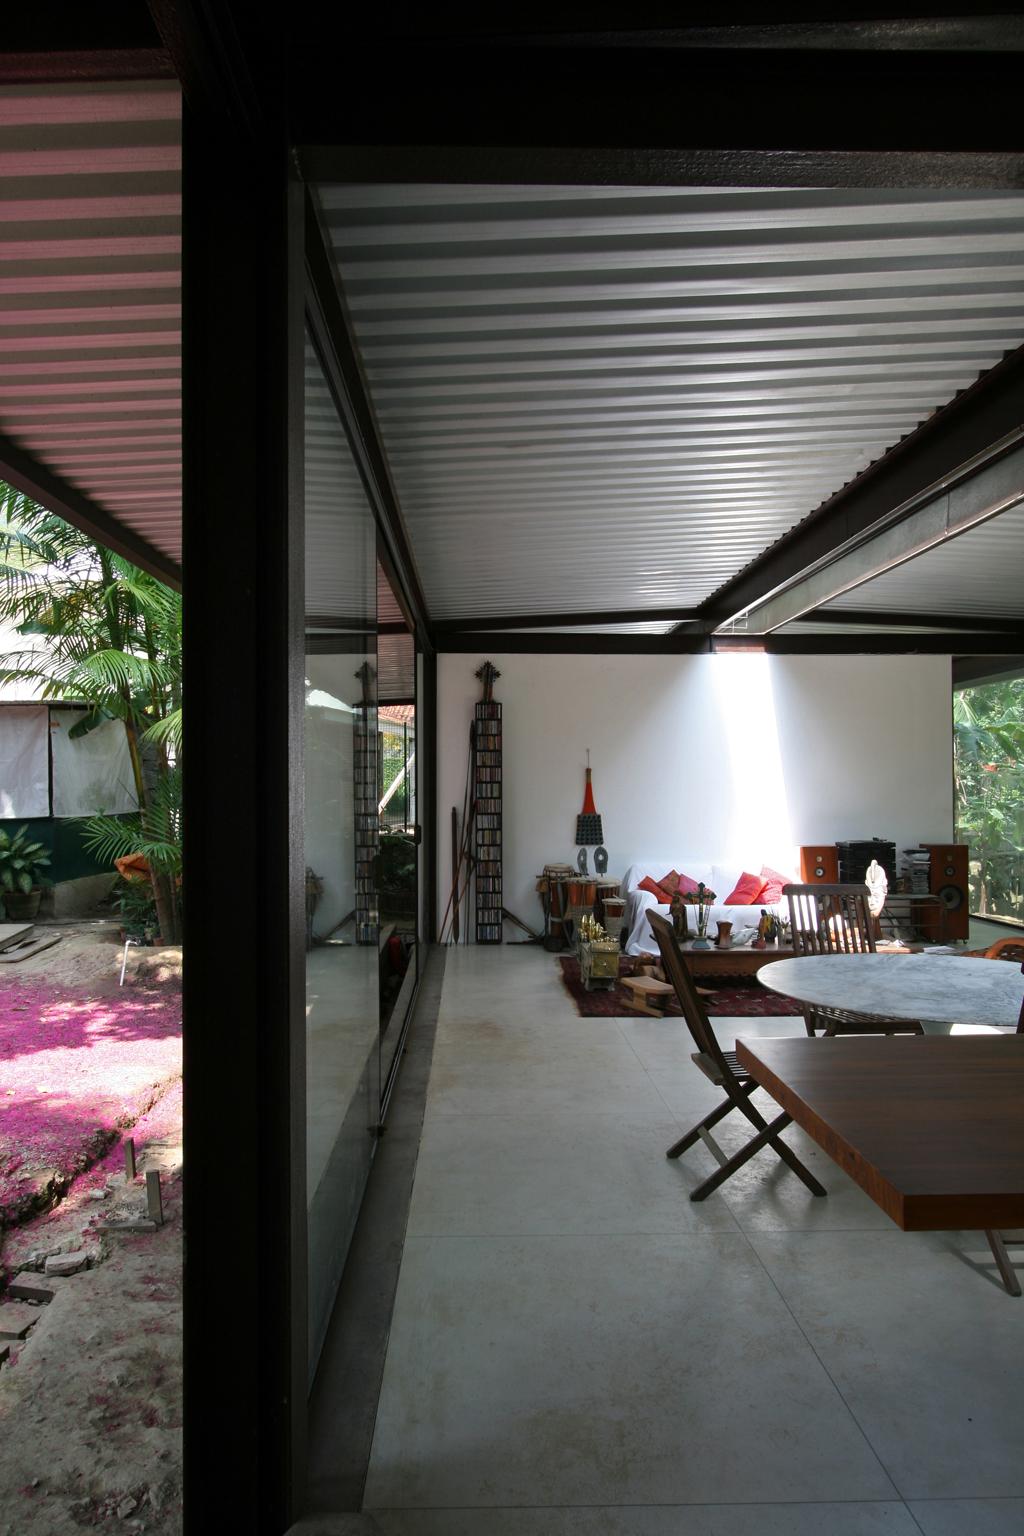 vista jardim e interior da casa #894254 1024x1536 Banheiro Com Vista Para Jardim